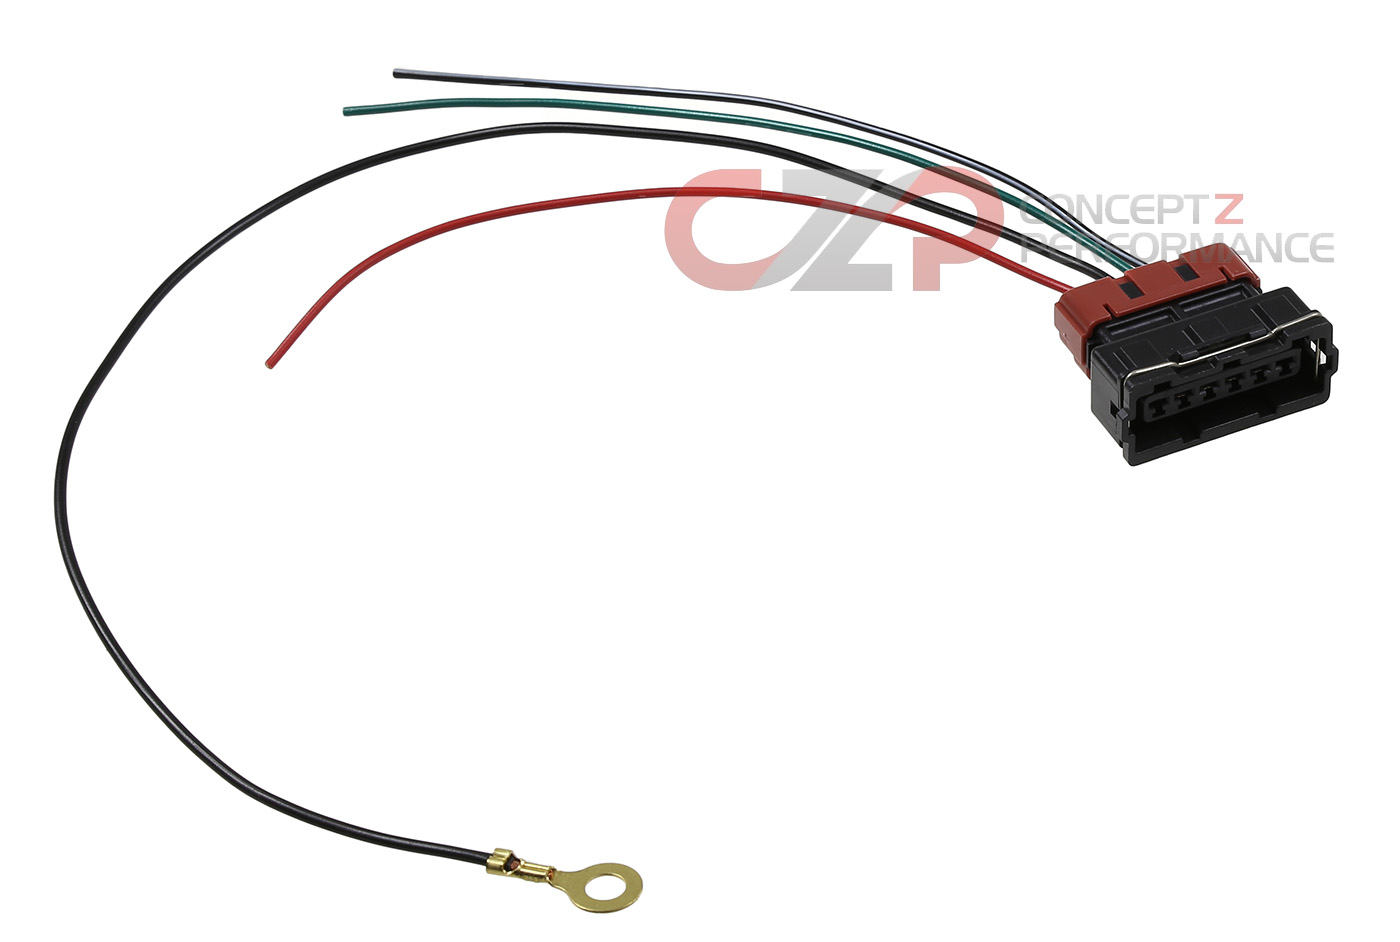 Wiring Specialties Mass Air Flow Sensor (Mafs) Connector 300Zx - Mass Air Flow Sensor Wiring Diagram